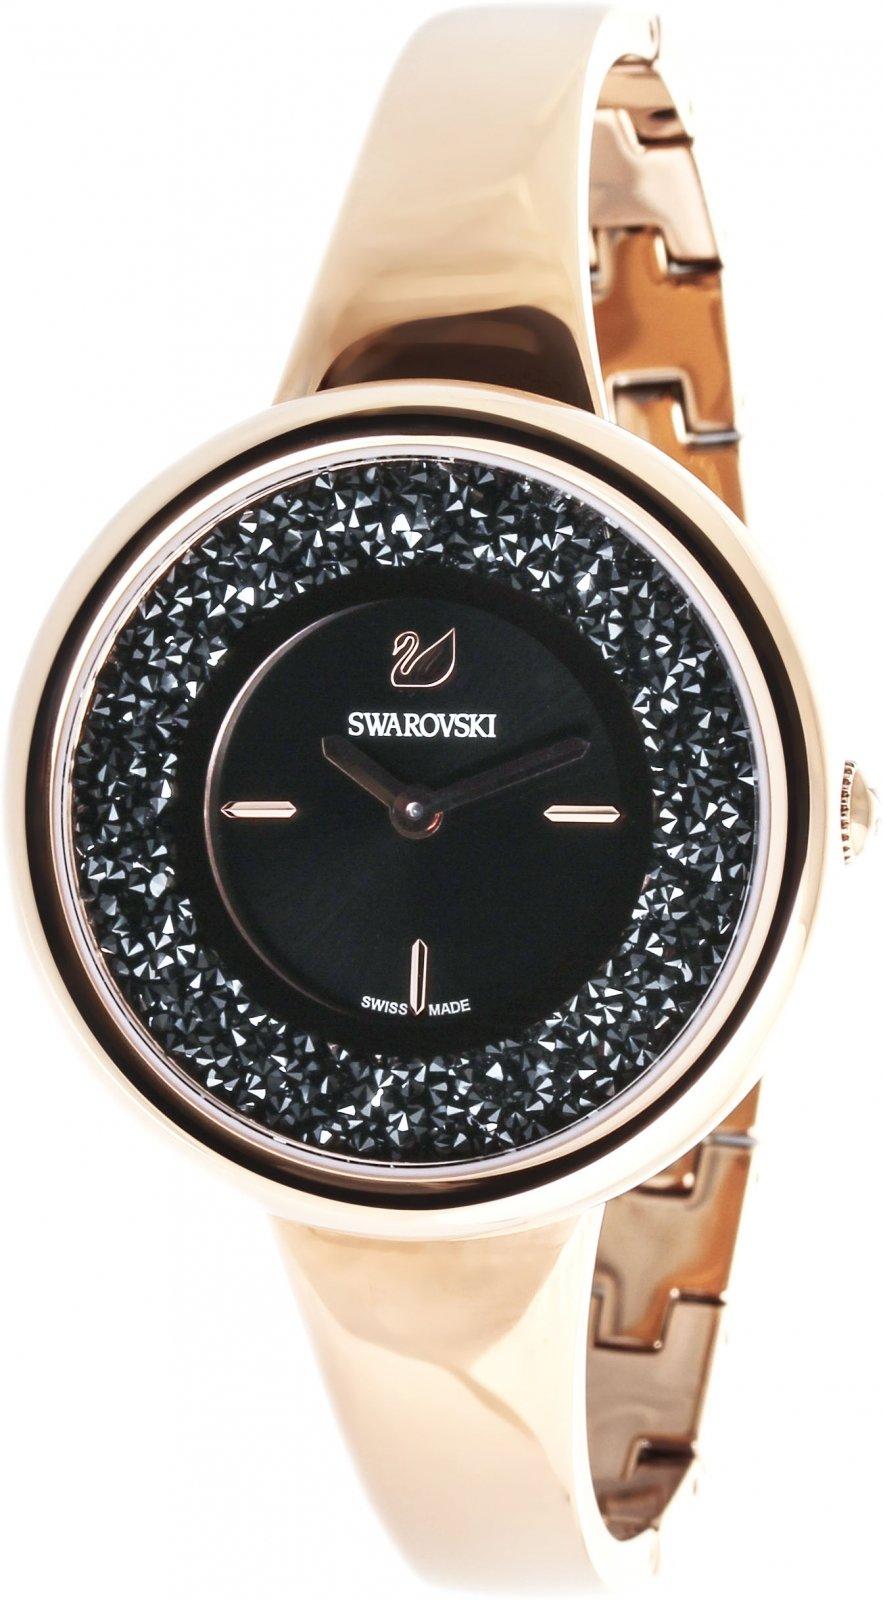 Посмотреть все часы из подборки можно тут: novosti-rossiya.ru?utm..